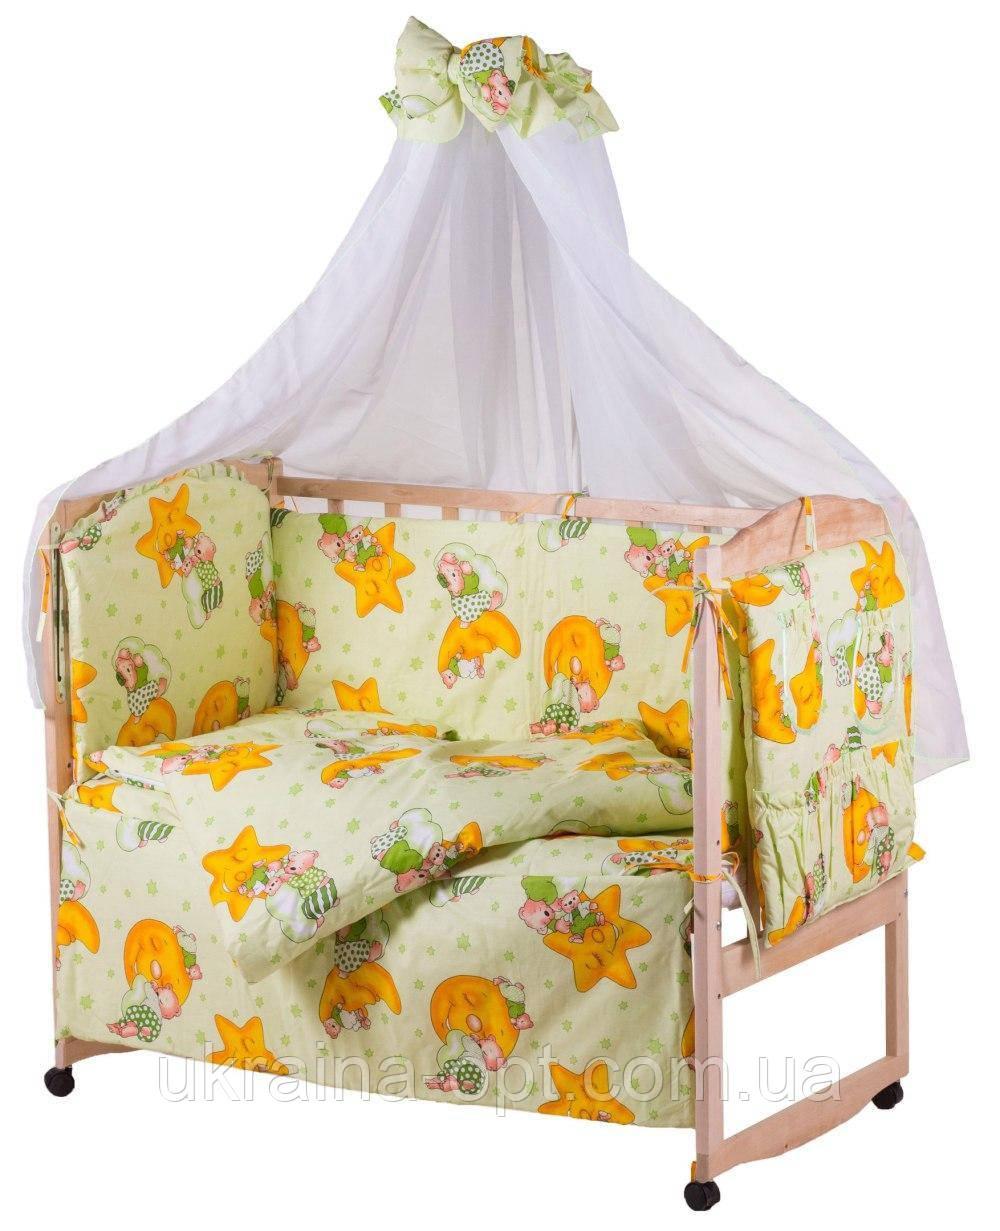 Комплект в кроватку, бортики, защита- рисунок салатовая (мишки спят, месяц)